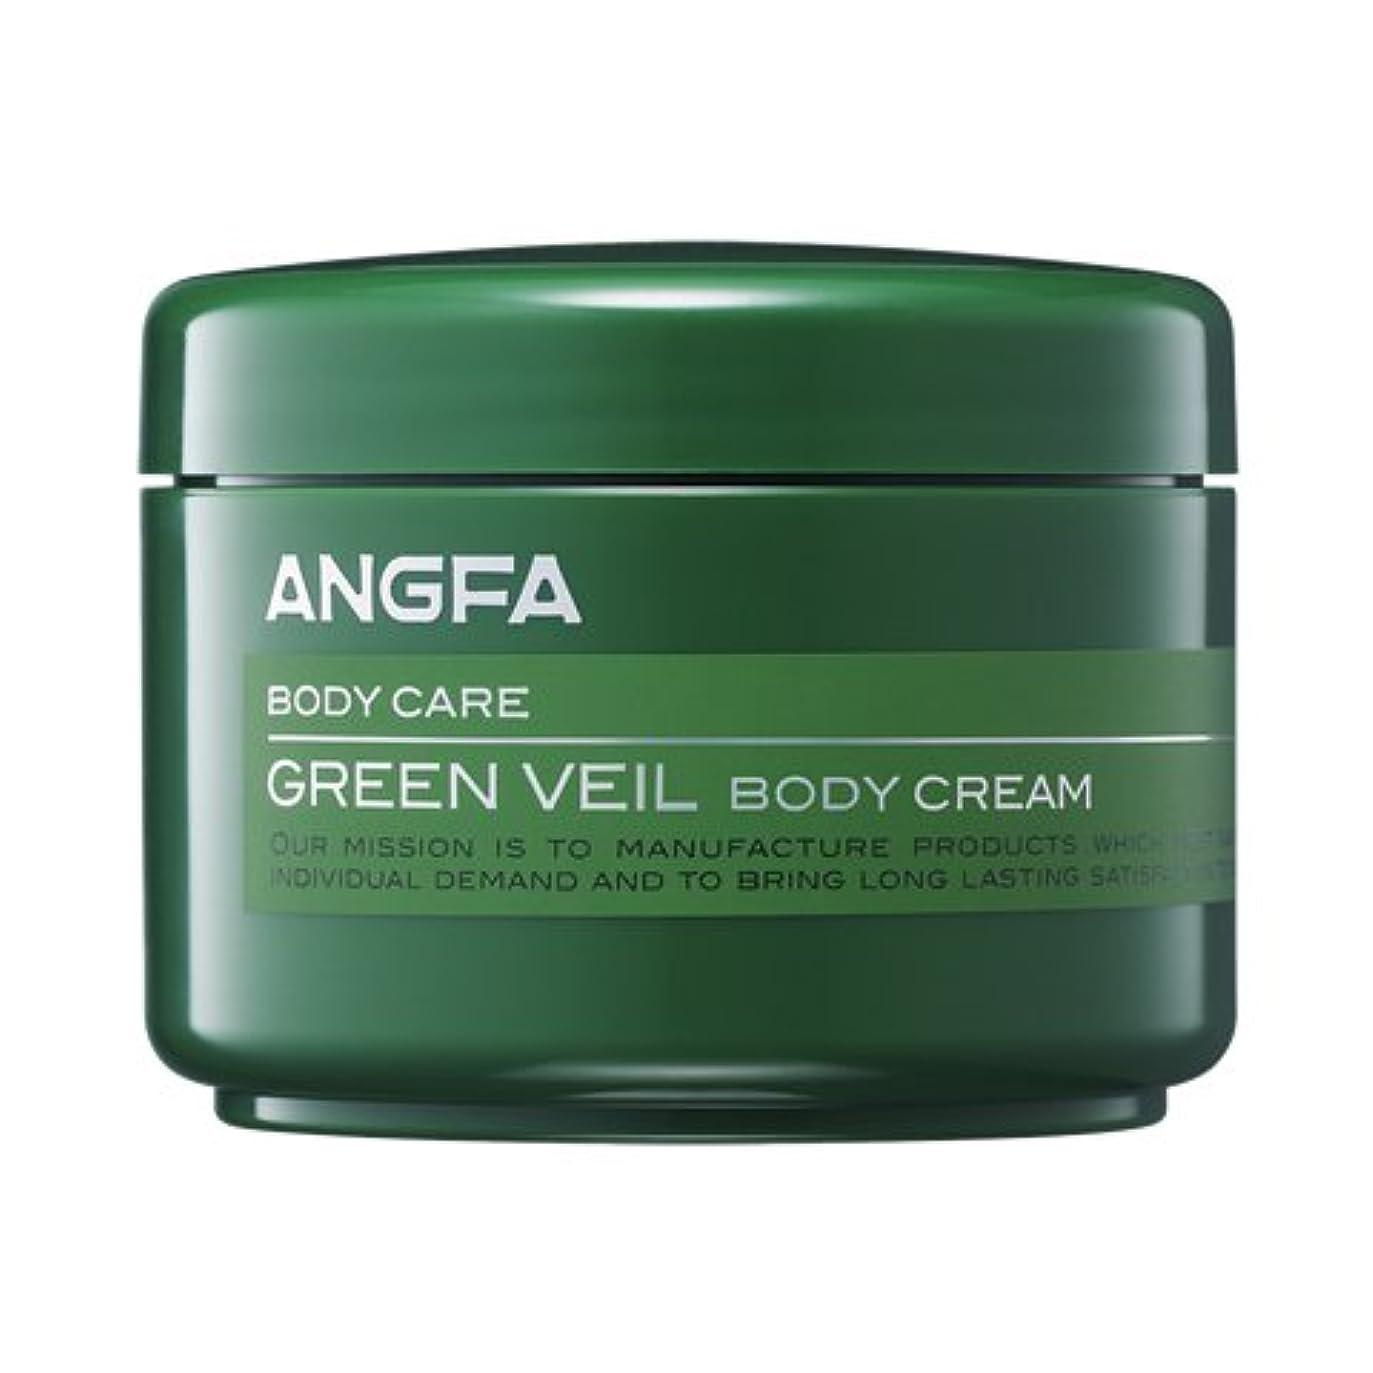 誇りに思うフライカイト大陸アンファー (ANGFA) グリーンベール 薬用ボディクリーム 45g グリーンフローラル [乾燥?保湿] かゆみ肌